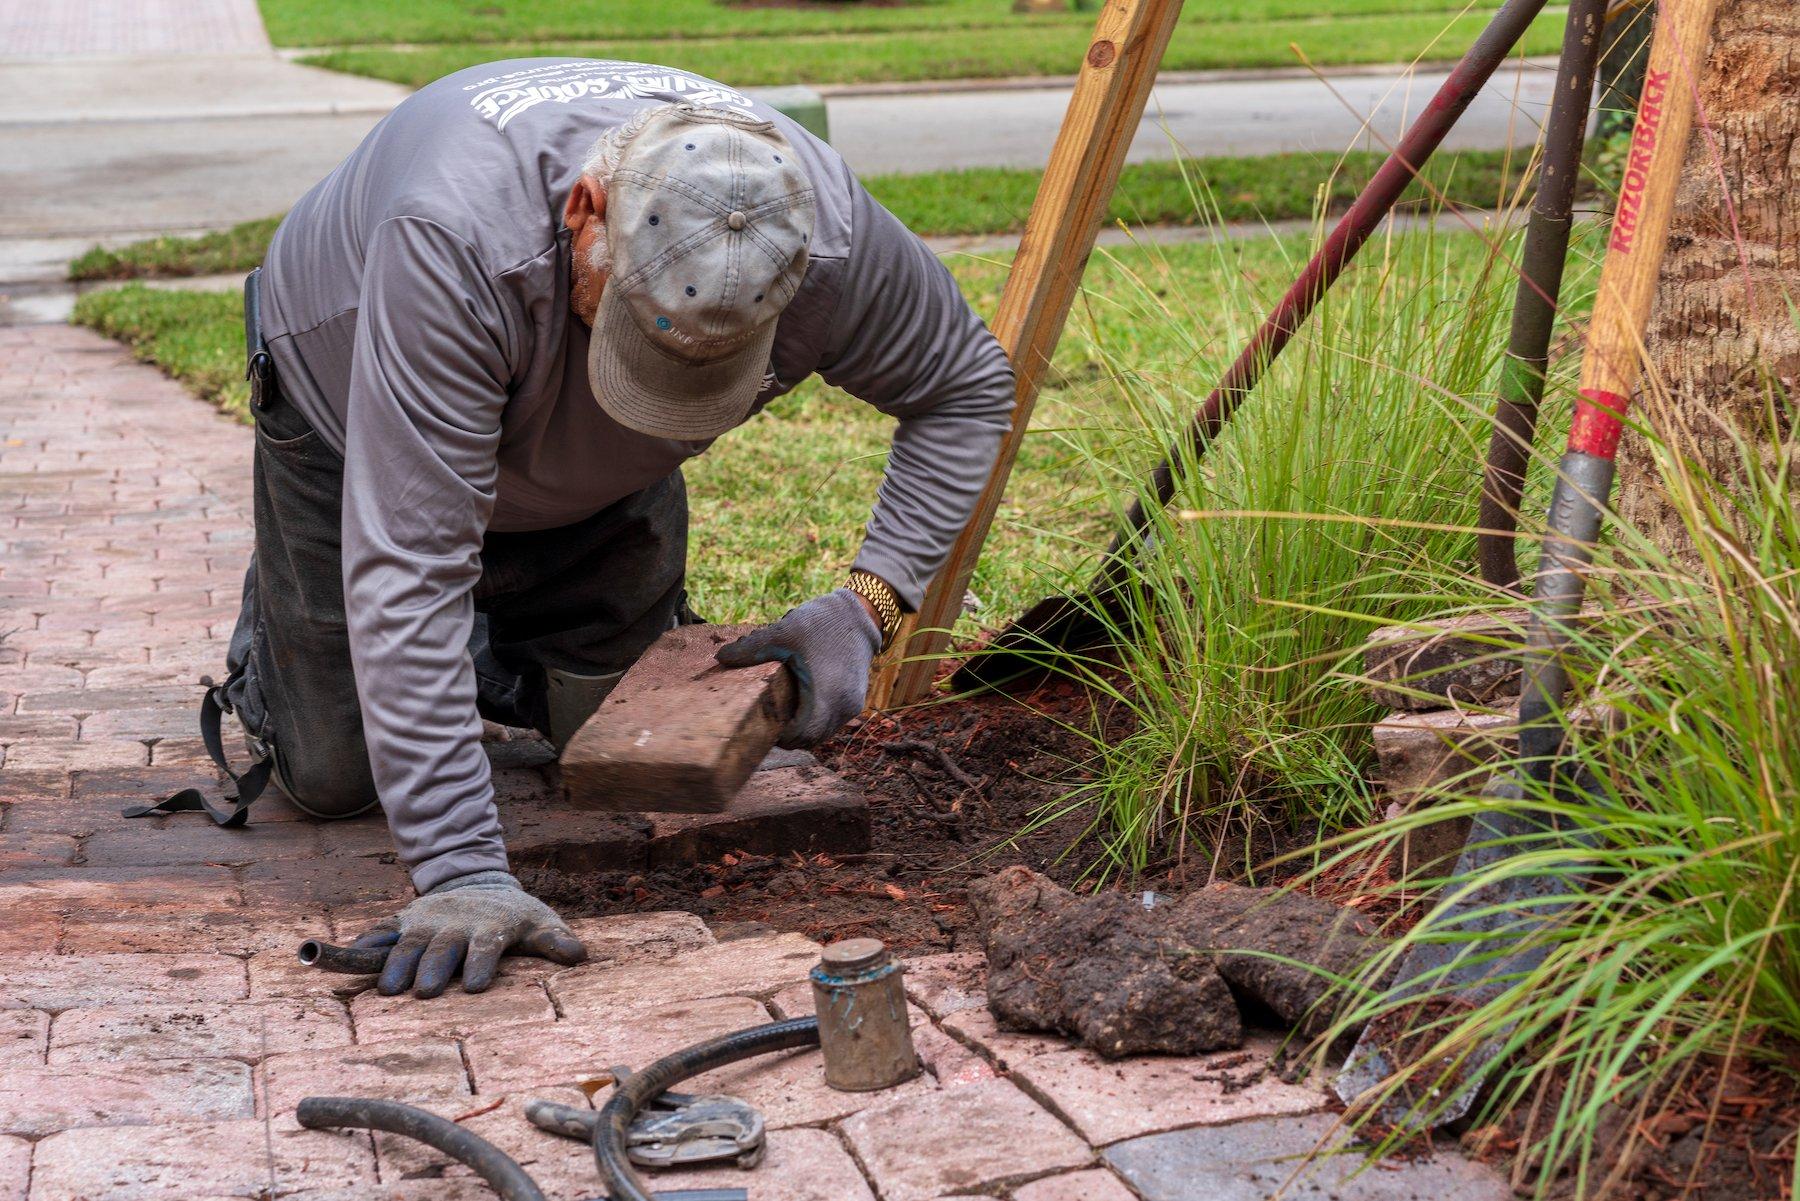 Irrigation team repairing sprinkler heads